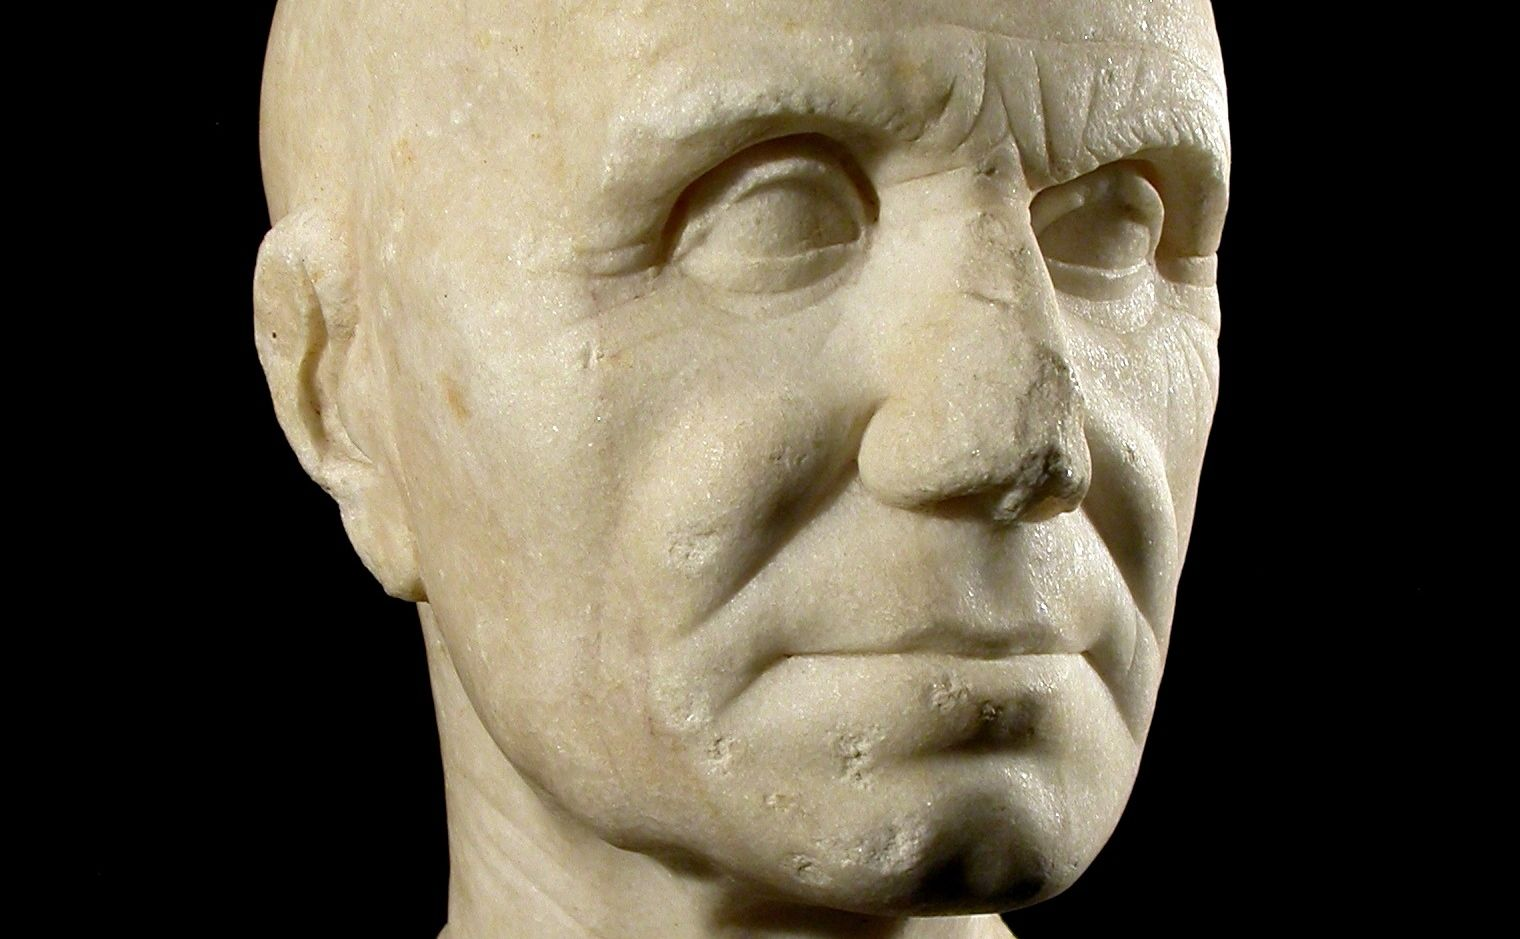 La pieza de mármol de la época romana (inicios de época de Augusto) hallada en la antigua ciudad de Asta Regia estaba situada a 11 kilómetros al noroeste de Jerez.